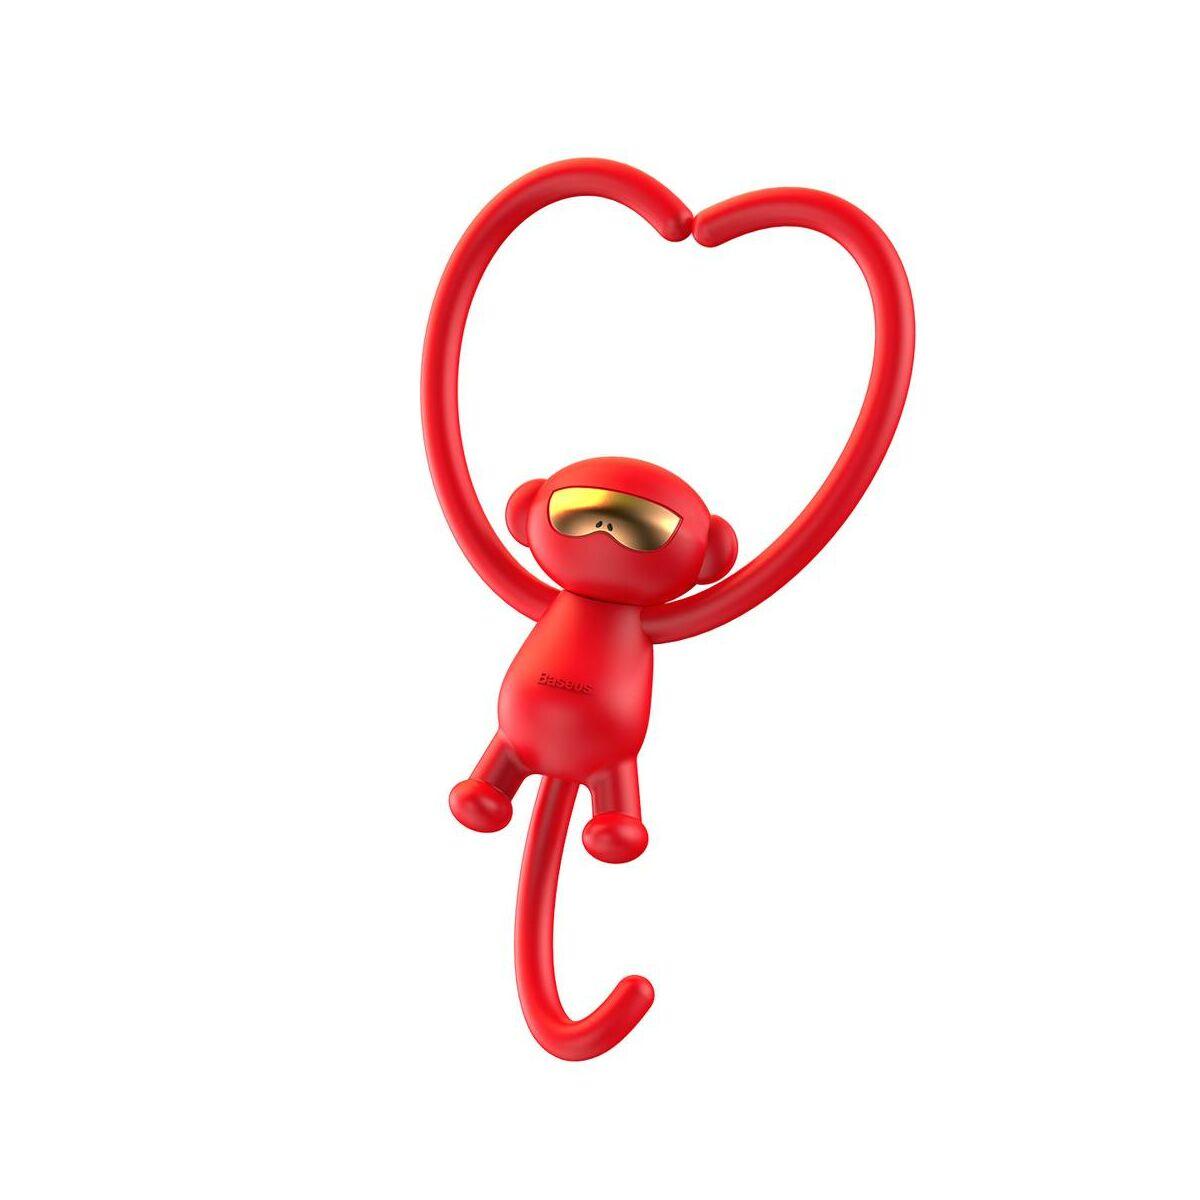 Baseus autós illatosító, Monkey-Shaped, piros (SUXUN-MK09)